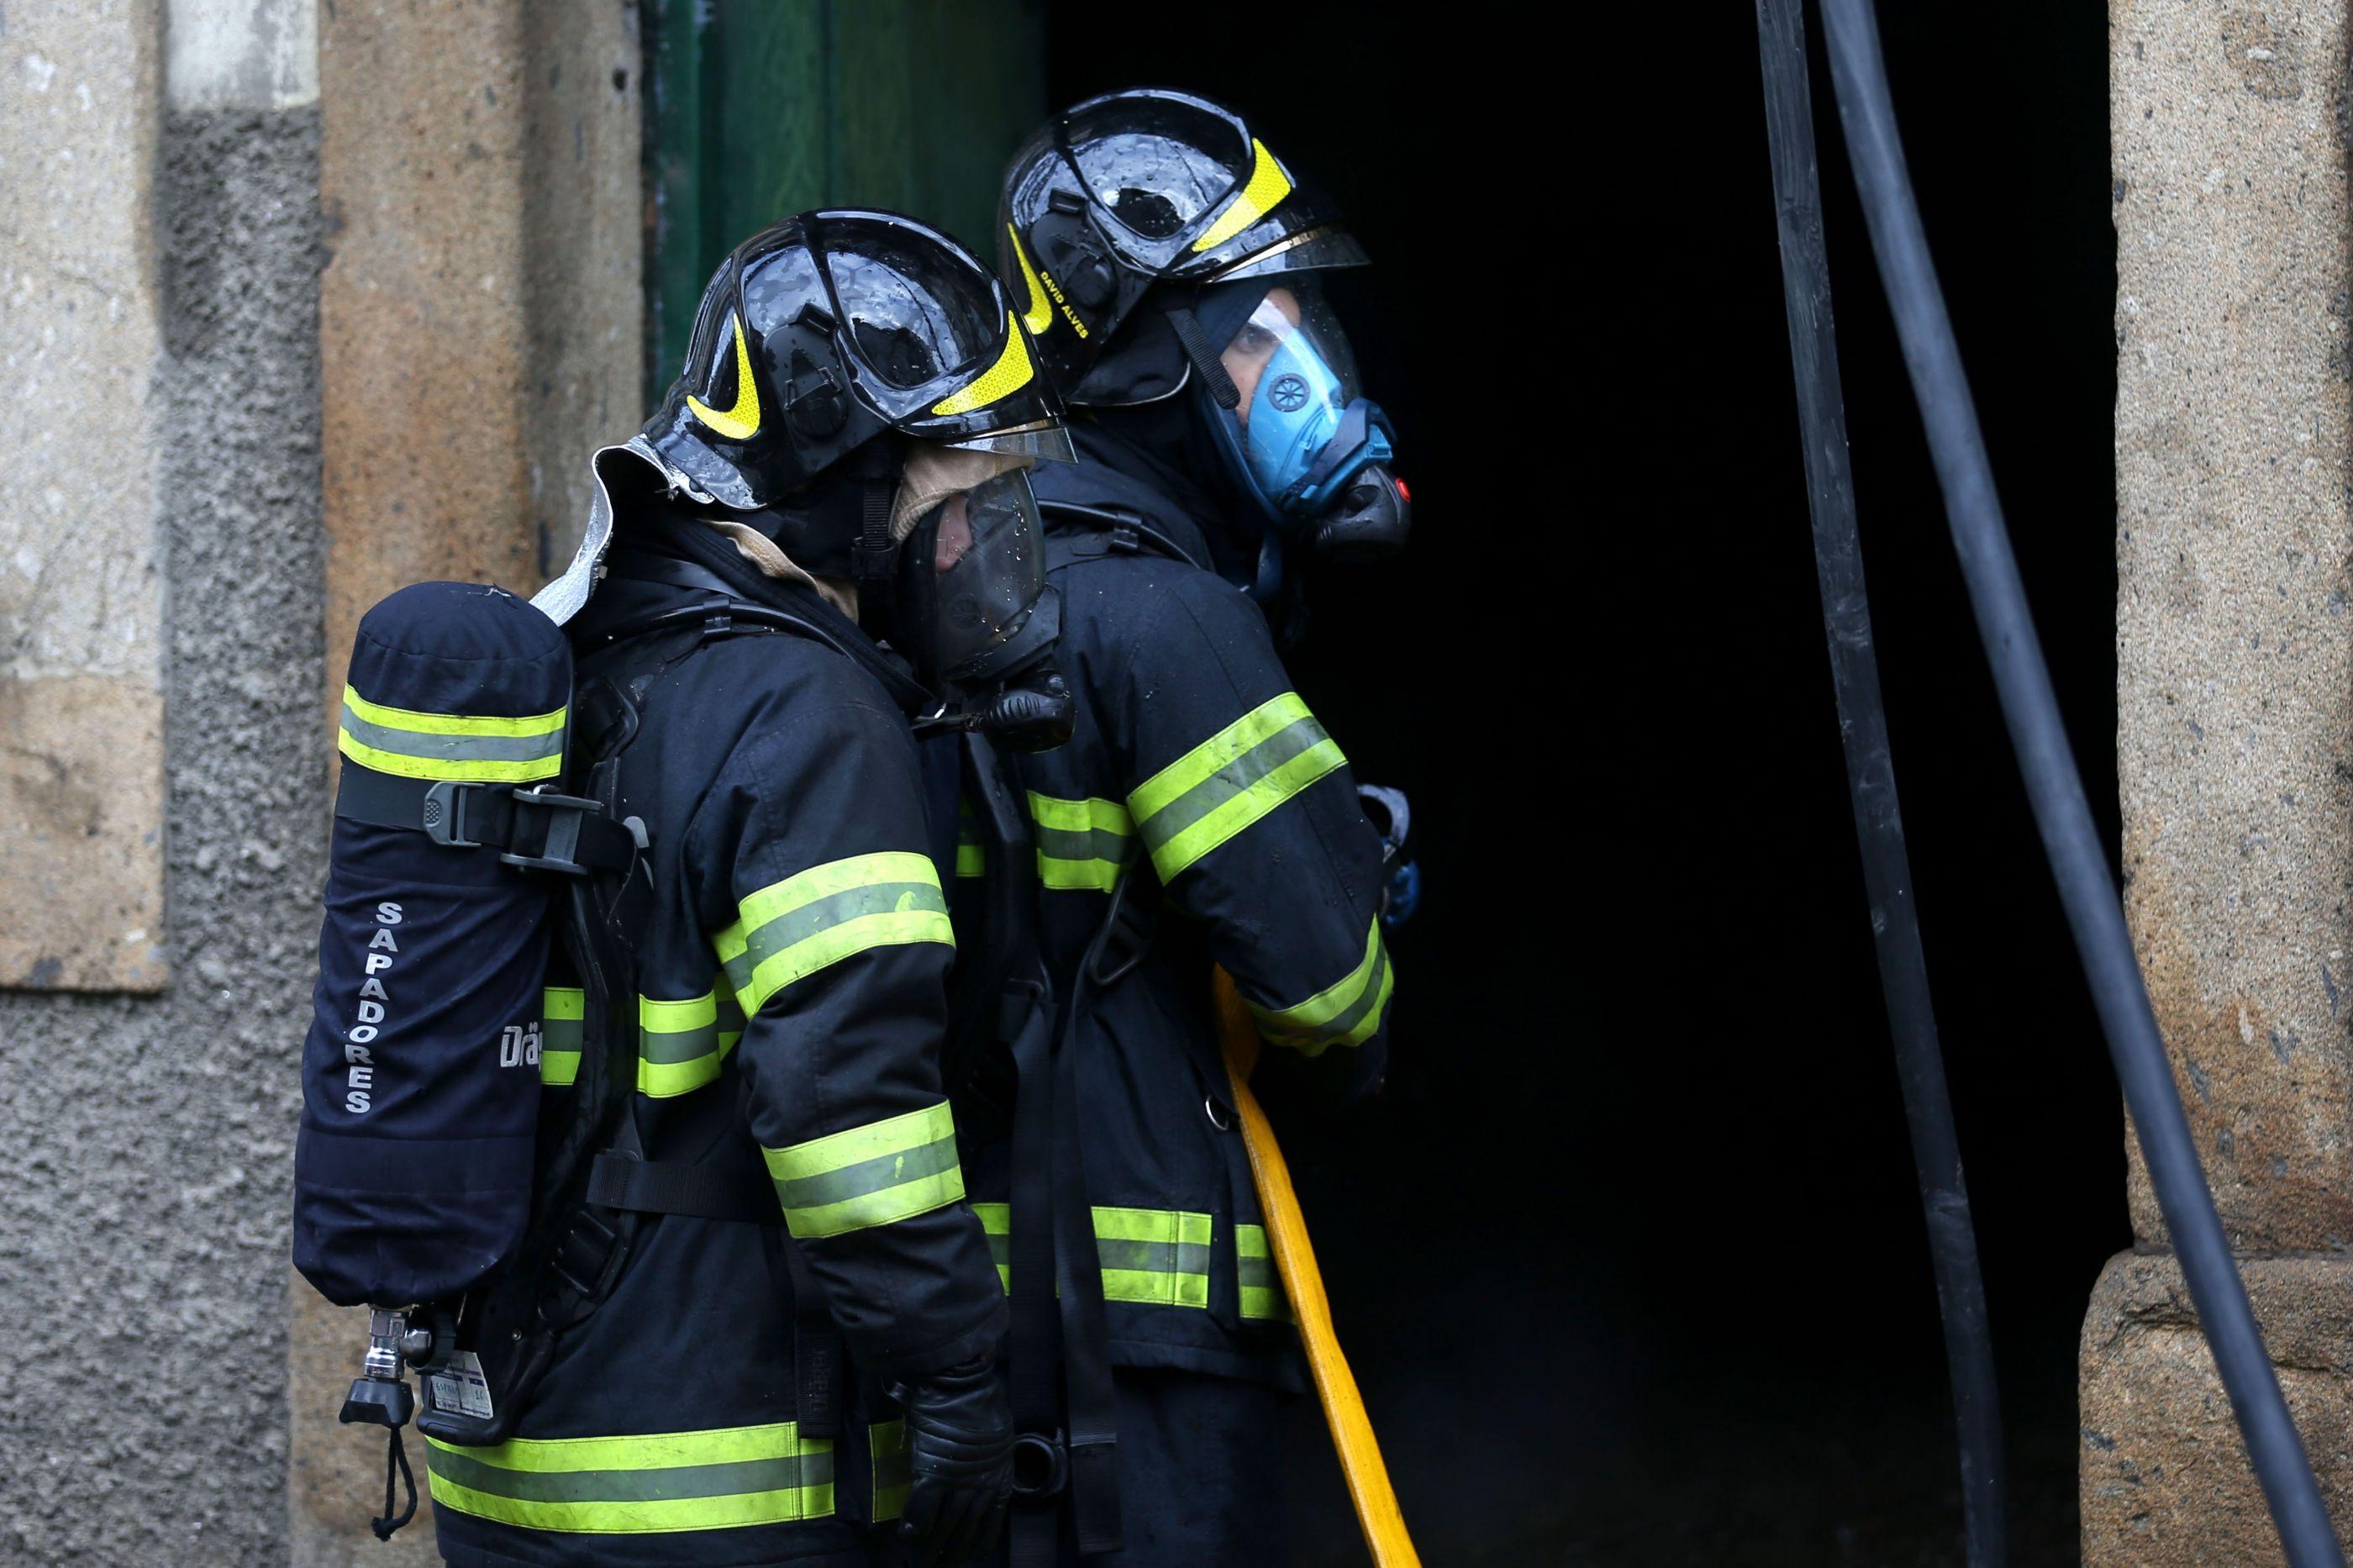 Uma pessoa desaparecida e cinco feridos após incêndio em prédio no Porto